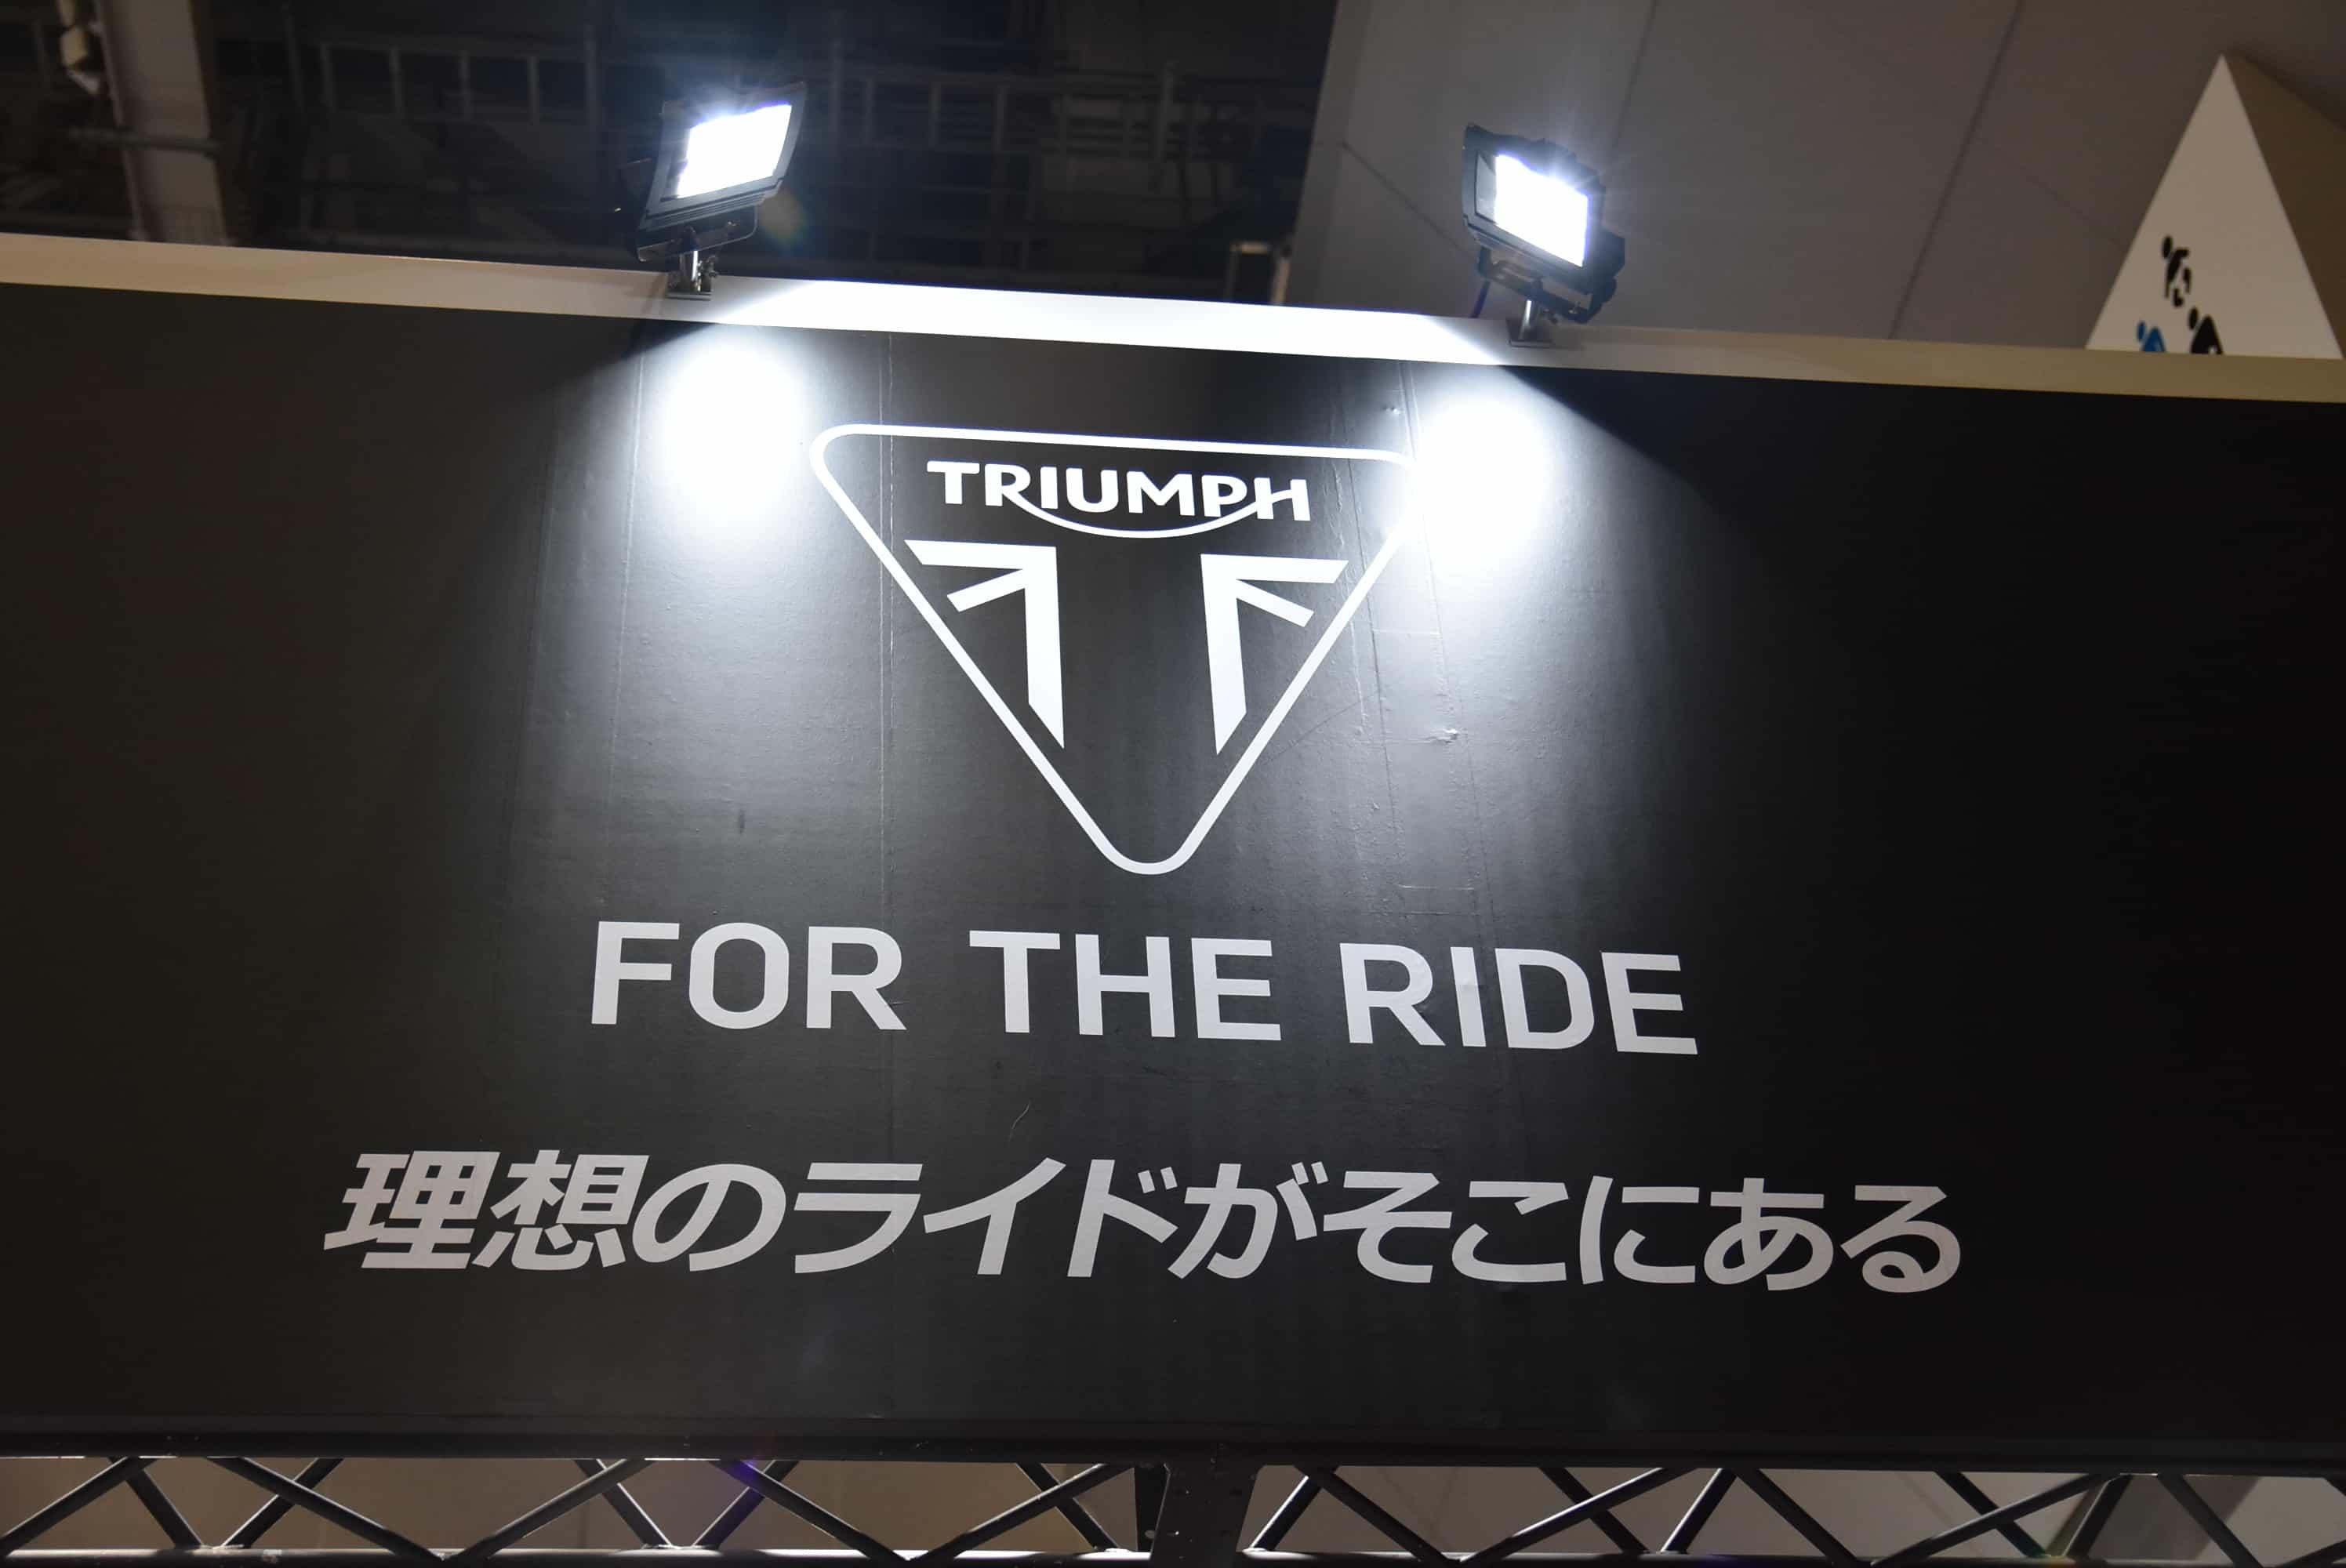 第46回東京モーターサイクルショー Triumph(トライアンフ)ブース